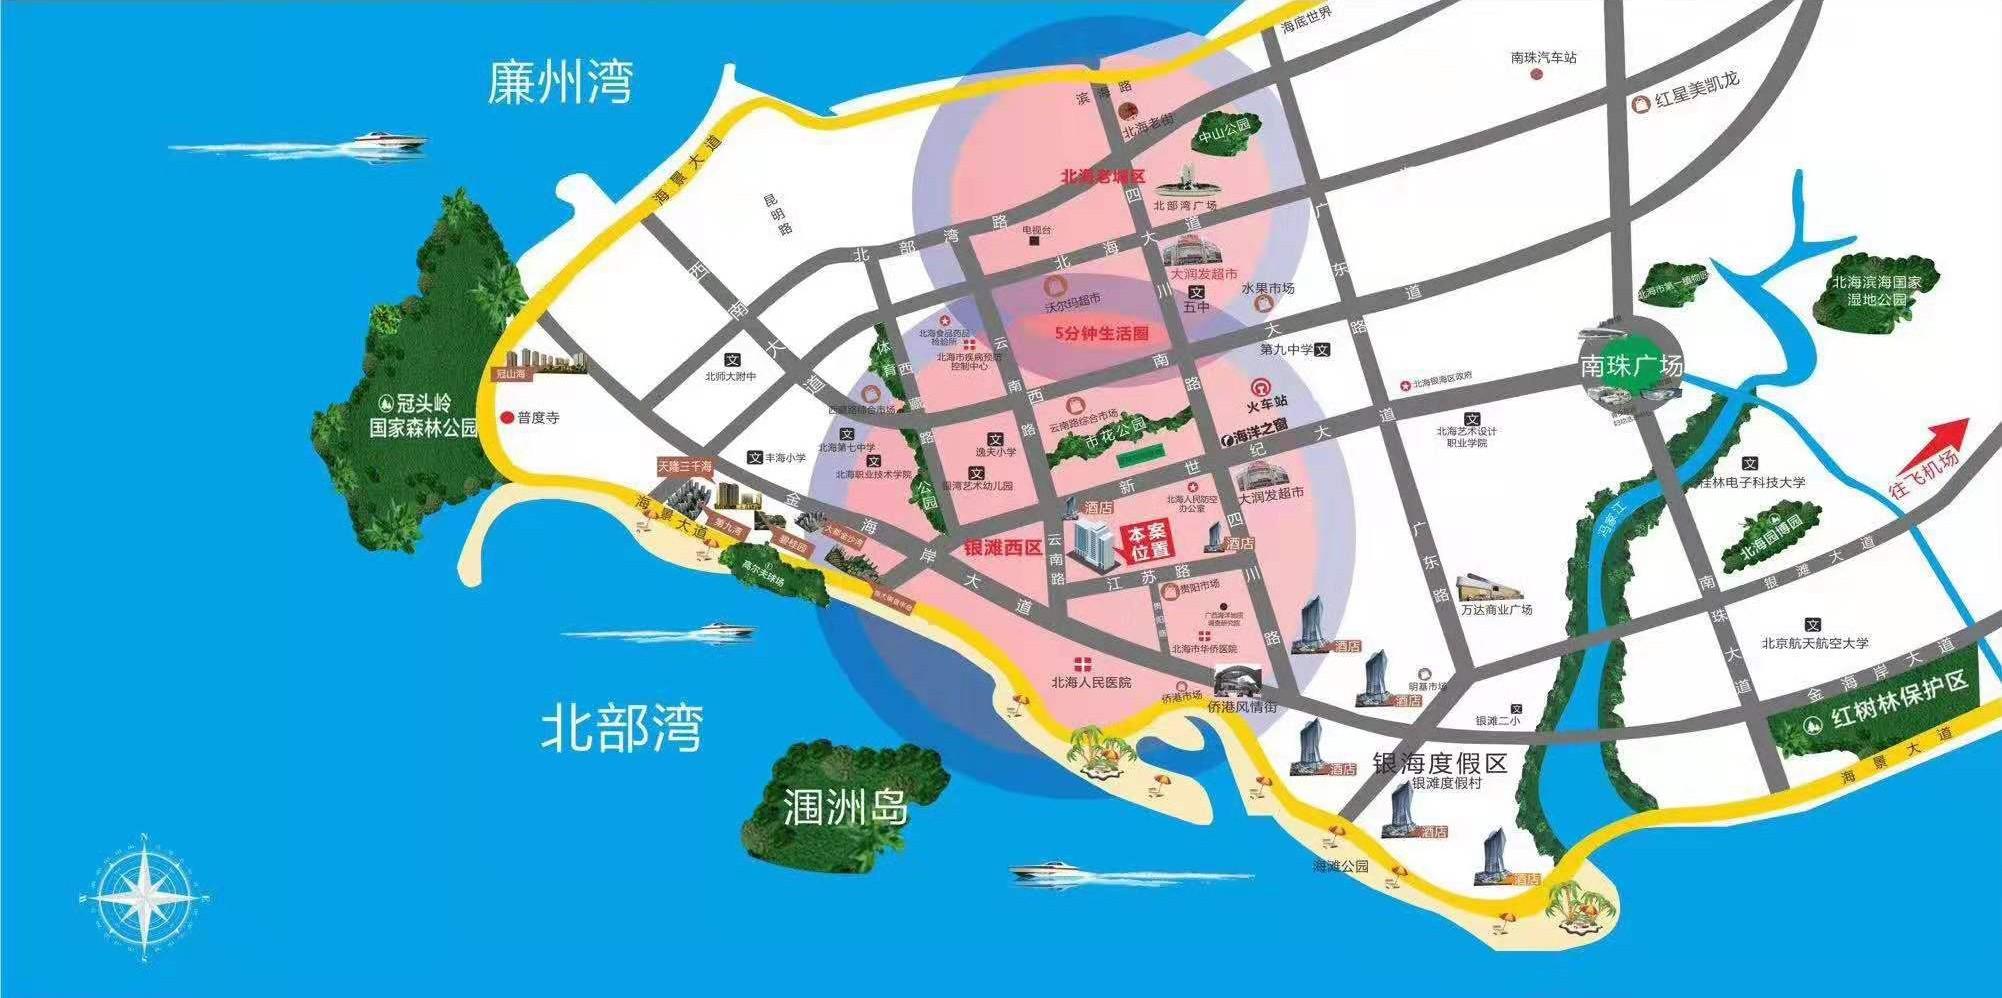 东峰华府位置图